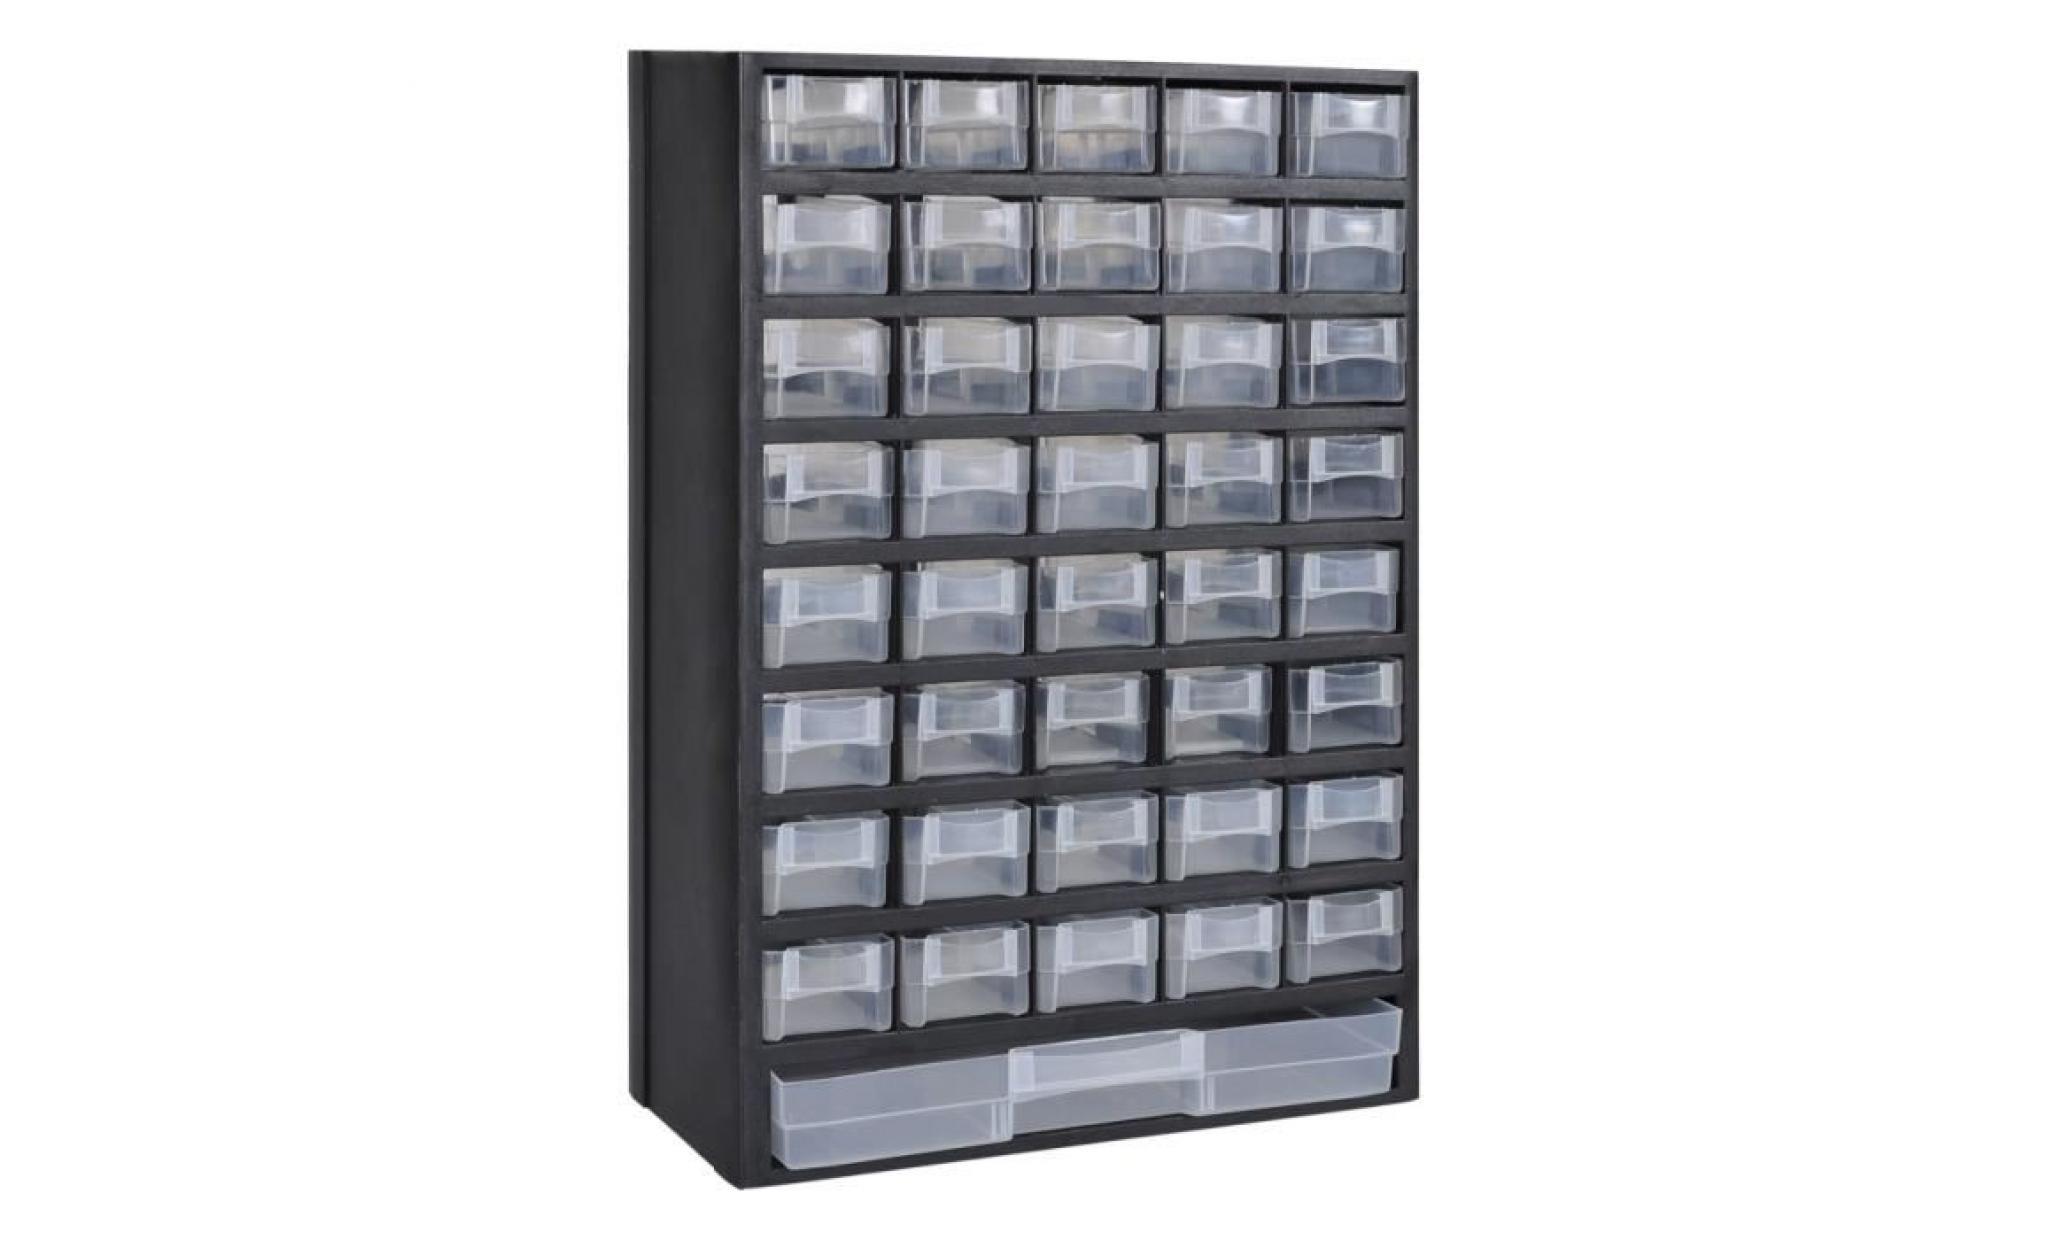 41 tiroirs armoire module de rangement plastique achat vente armoire de chambre pas cher. Black Bedroom Furniture Sets. Home Design Ideas